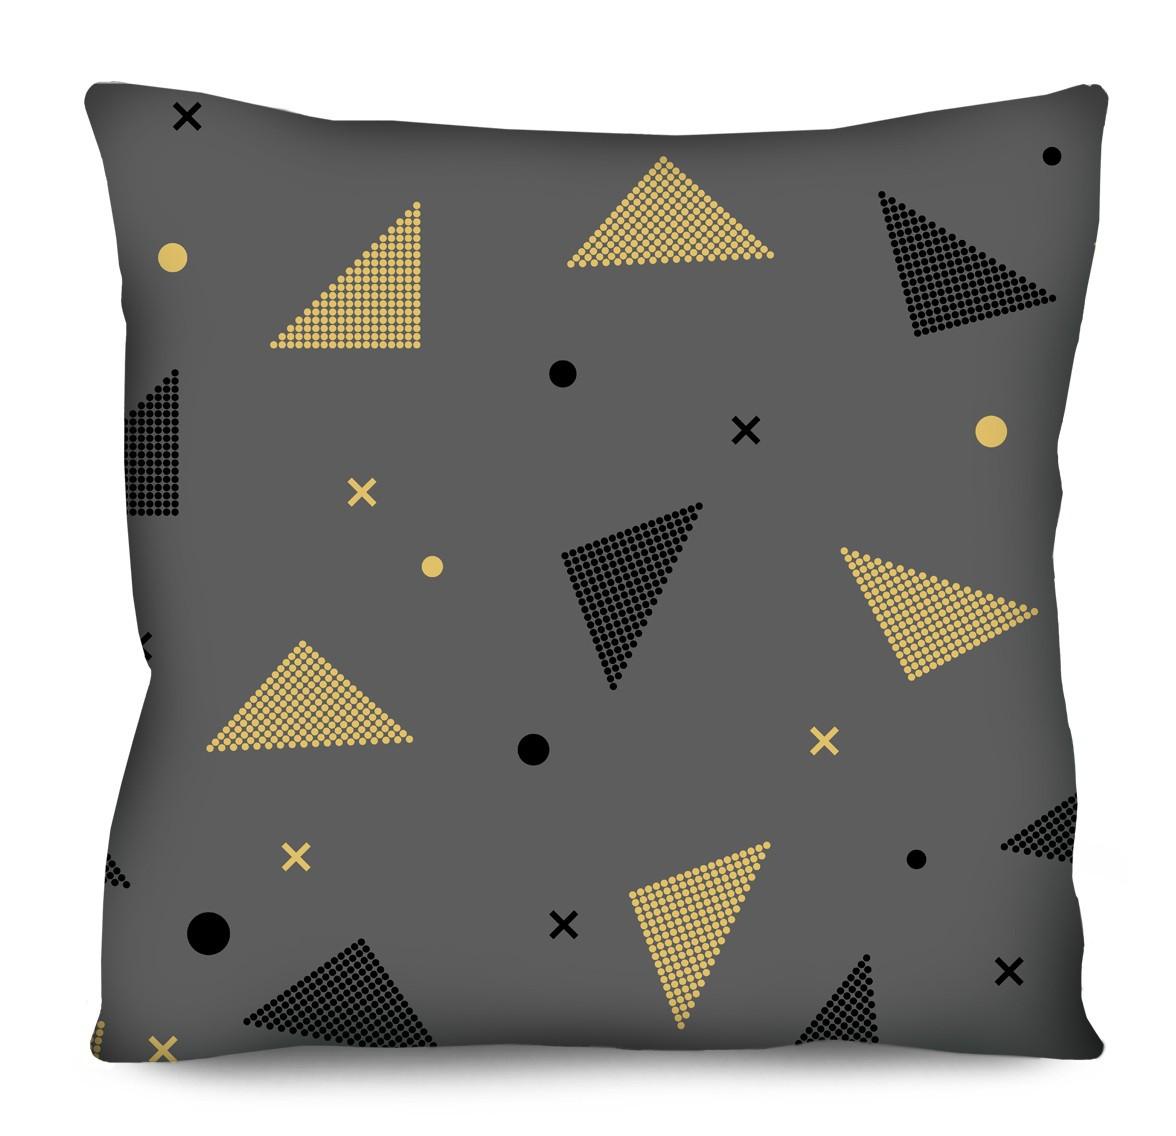 Capa de Almofada Acetinada Formas Diversas Cinza Amarelo e Preto 50x50